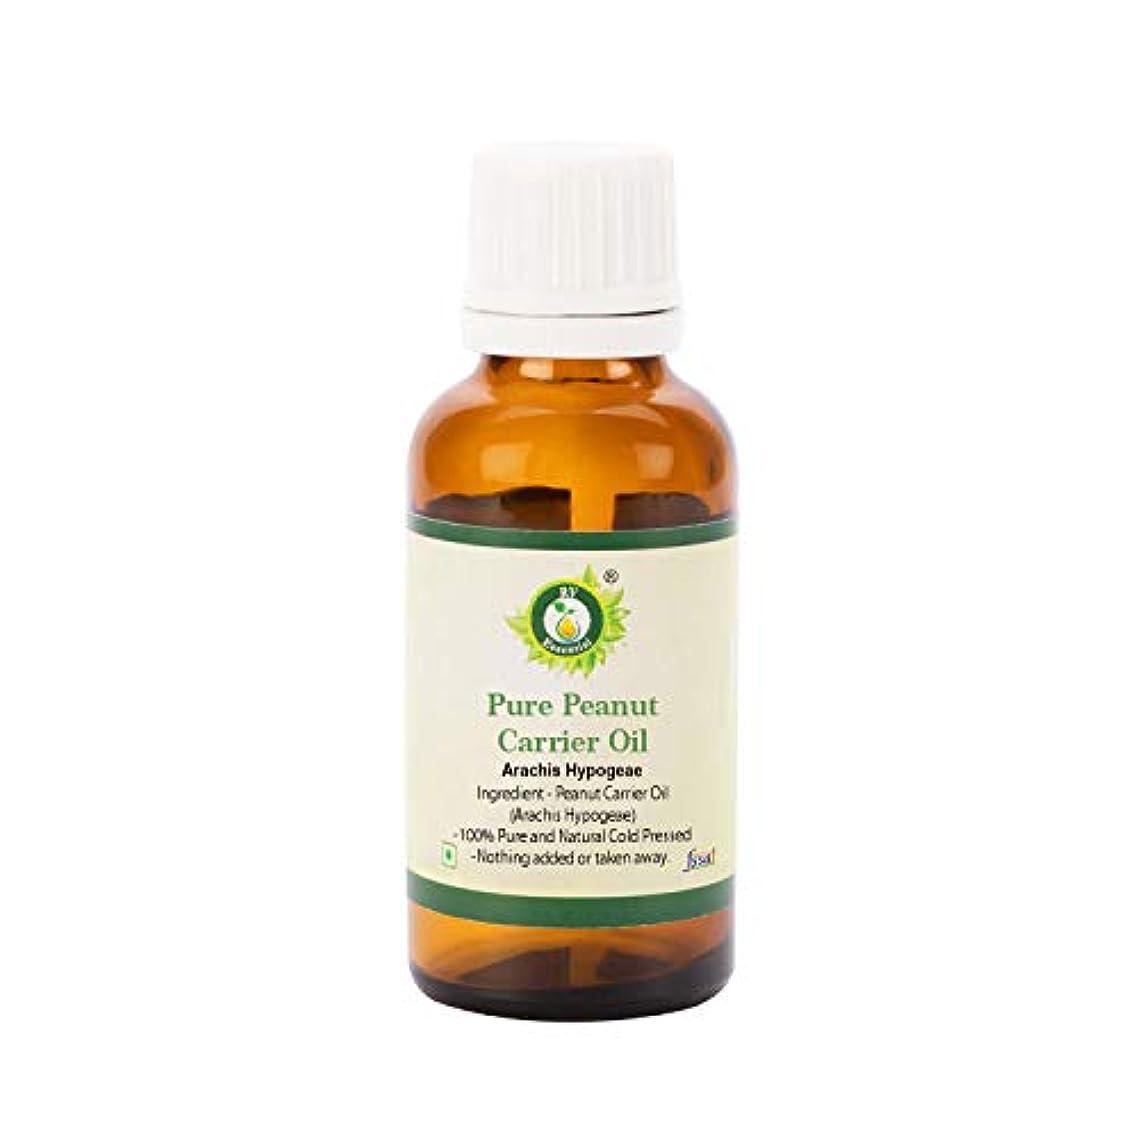 配分秘密の解体するR V Essential 純粋なピーナッツキャリアオイル5ml (0.169oz)- Arachis Hypogeae (100%ピュア&ナチュラルコールドPressed) Pure Peanut Carrier Oil